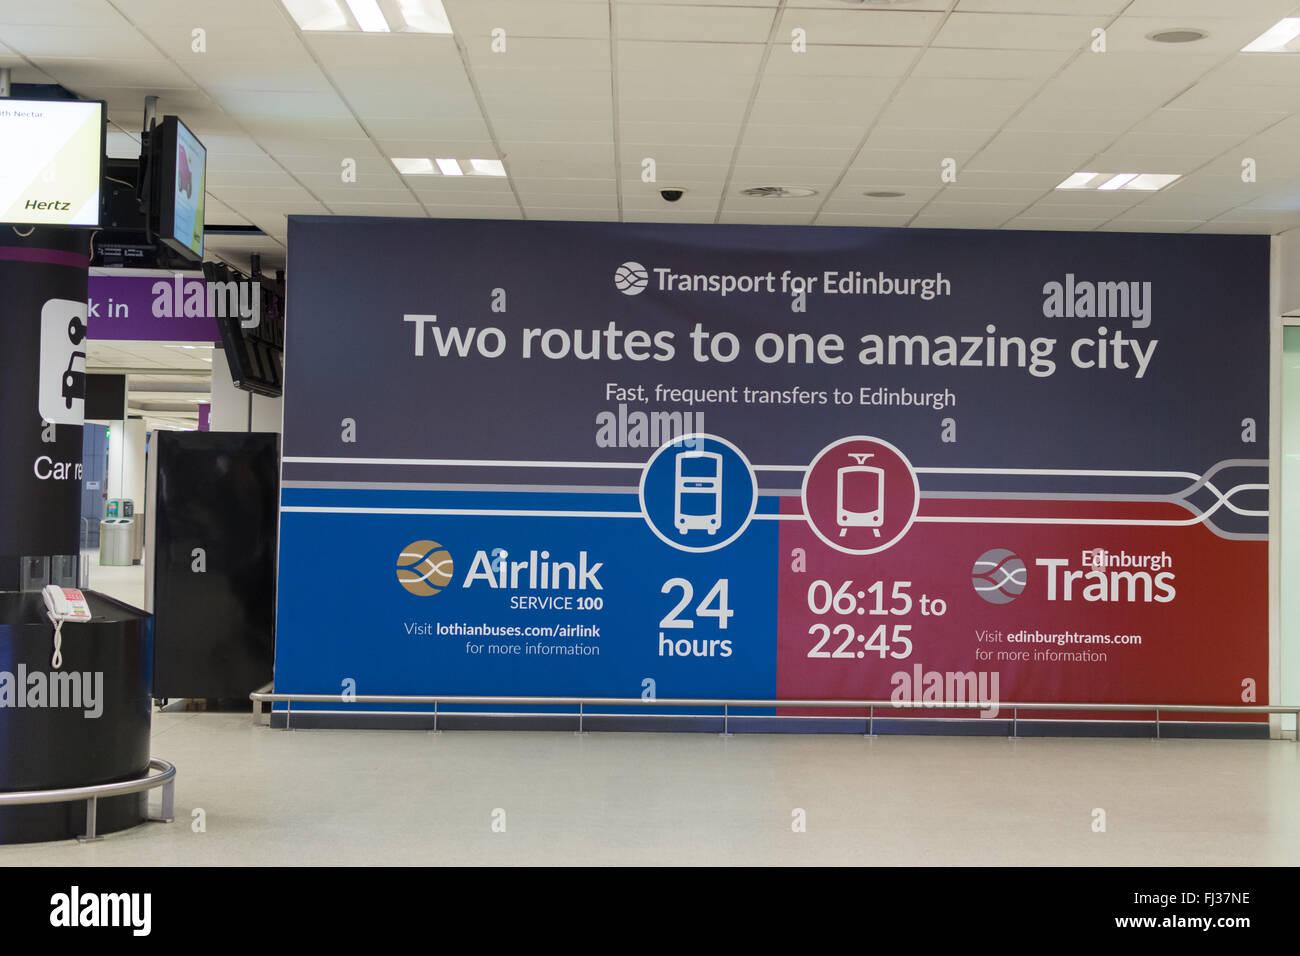 Aeroporto di Edimburgo segno pubblicità collegamenti di trasporto per il centro di Edimburgo - Airlink Edimburgo Immagini Stock